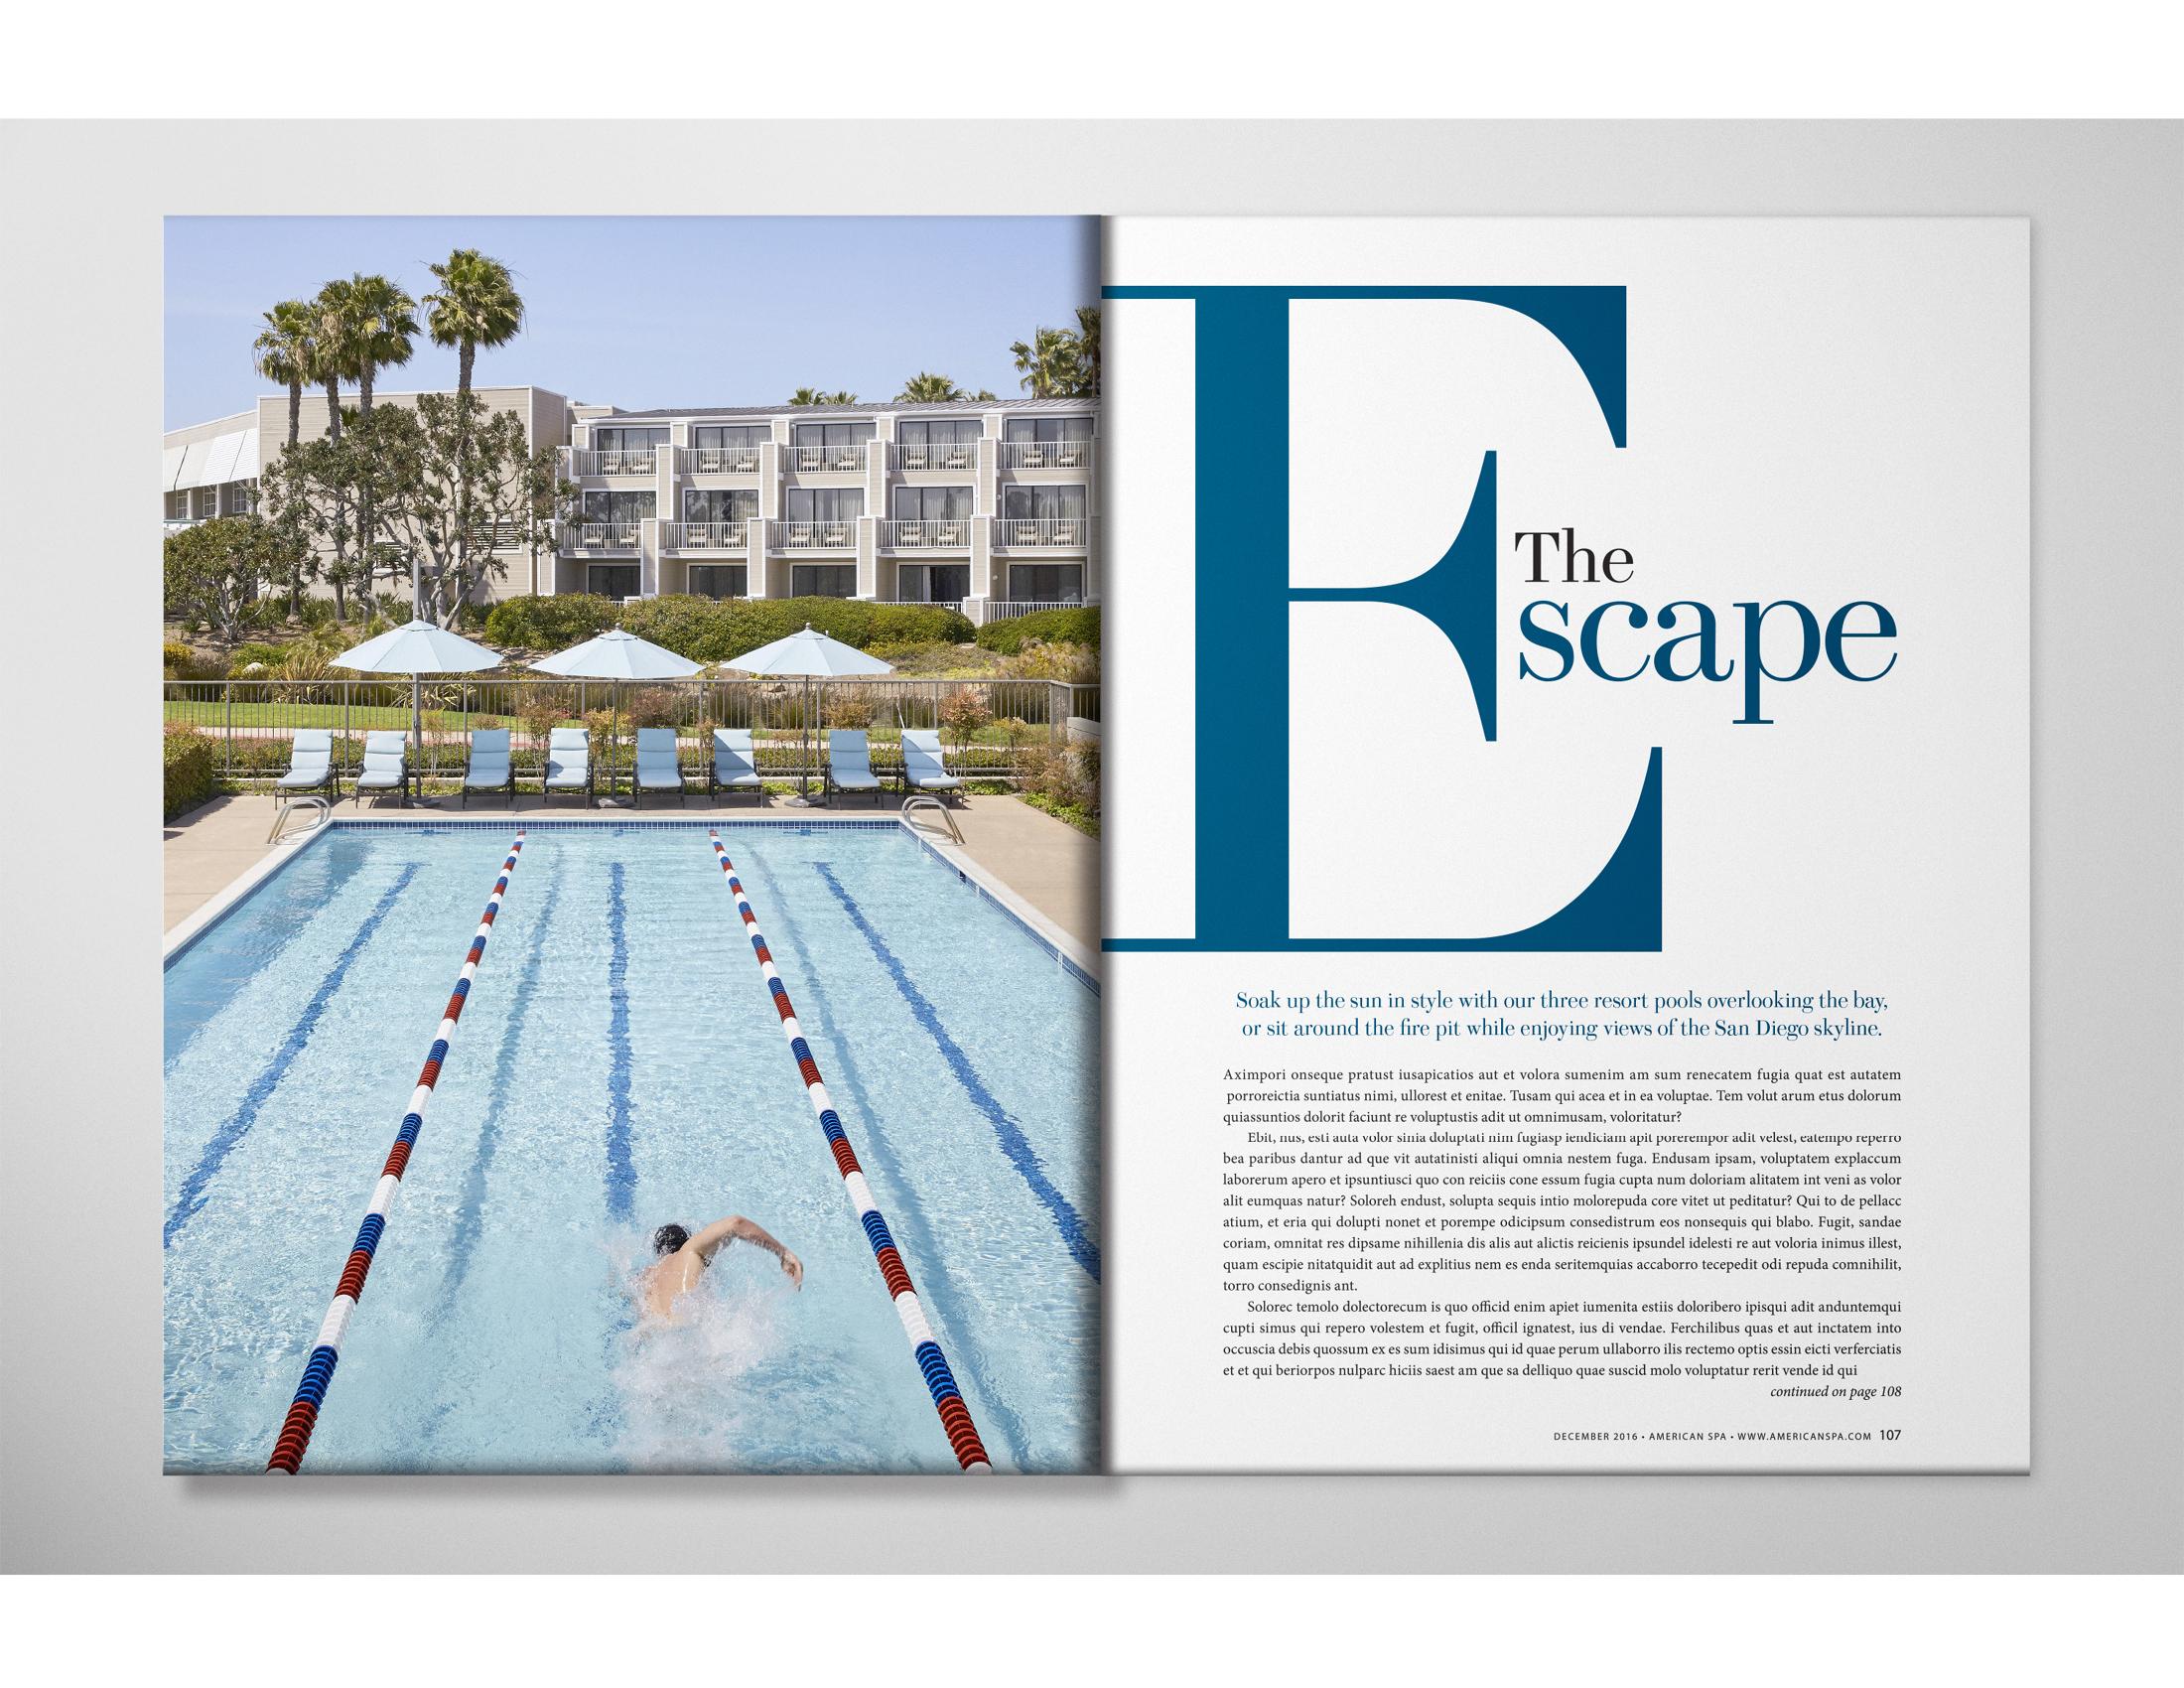 Double spread design for magazine